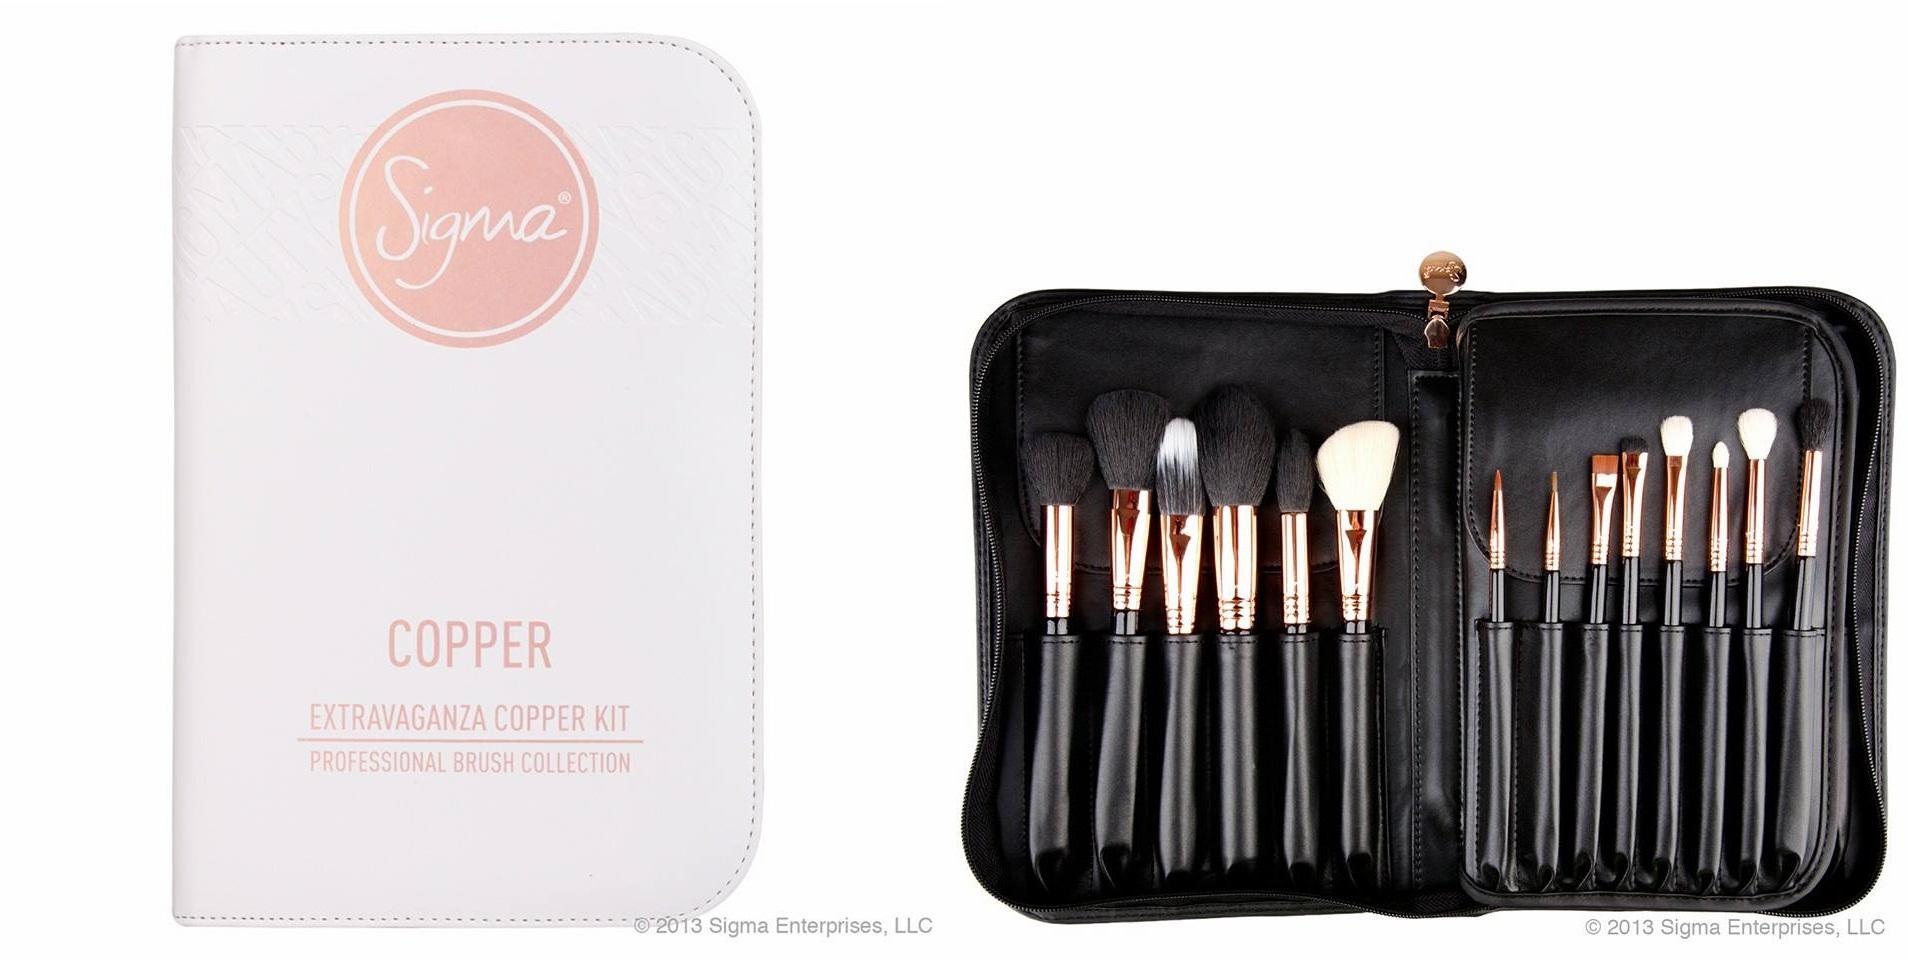 sigma extravaganza copper kit 29 ชิ้นพร้อมประเป๋าหนังอย่างดีเหมือนช๊อปพร้อมกล่องคุ้มค่าแก่การลงทุน